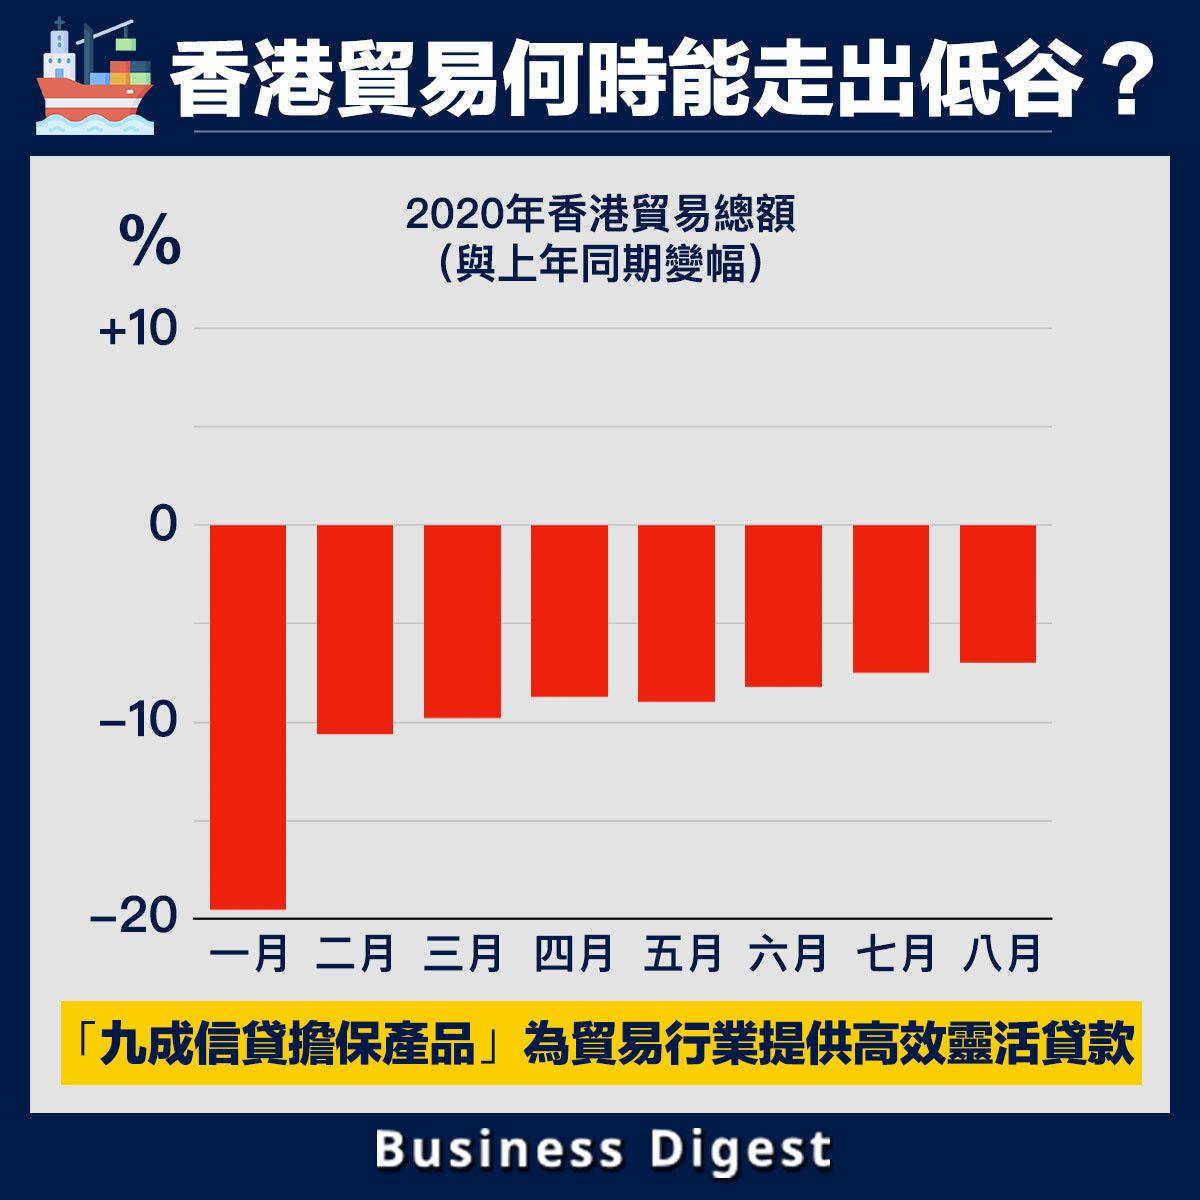 在新冠疫情的衝擊下,加上中美之間摩擦不斷升級,香港貿易進入艱難時期